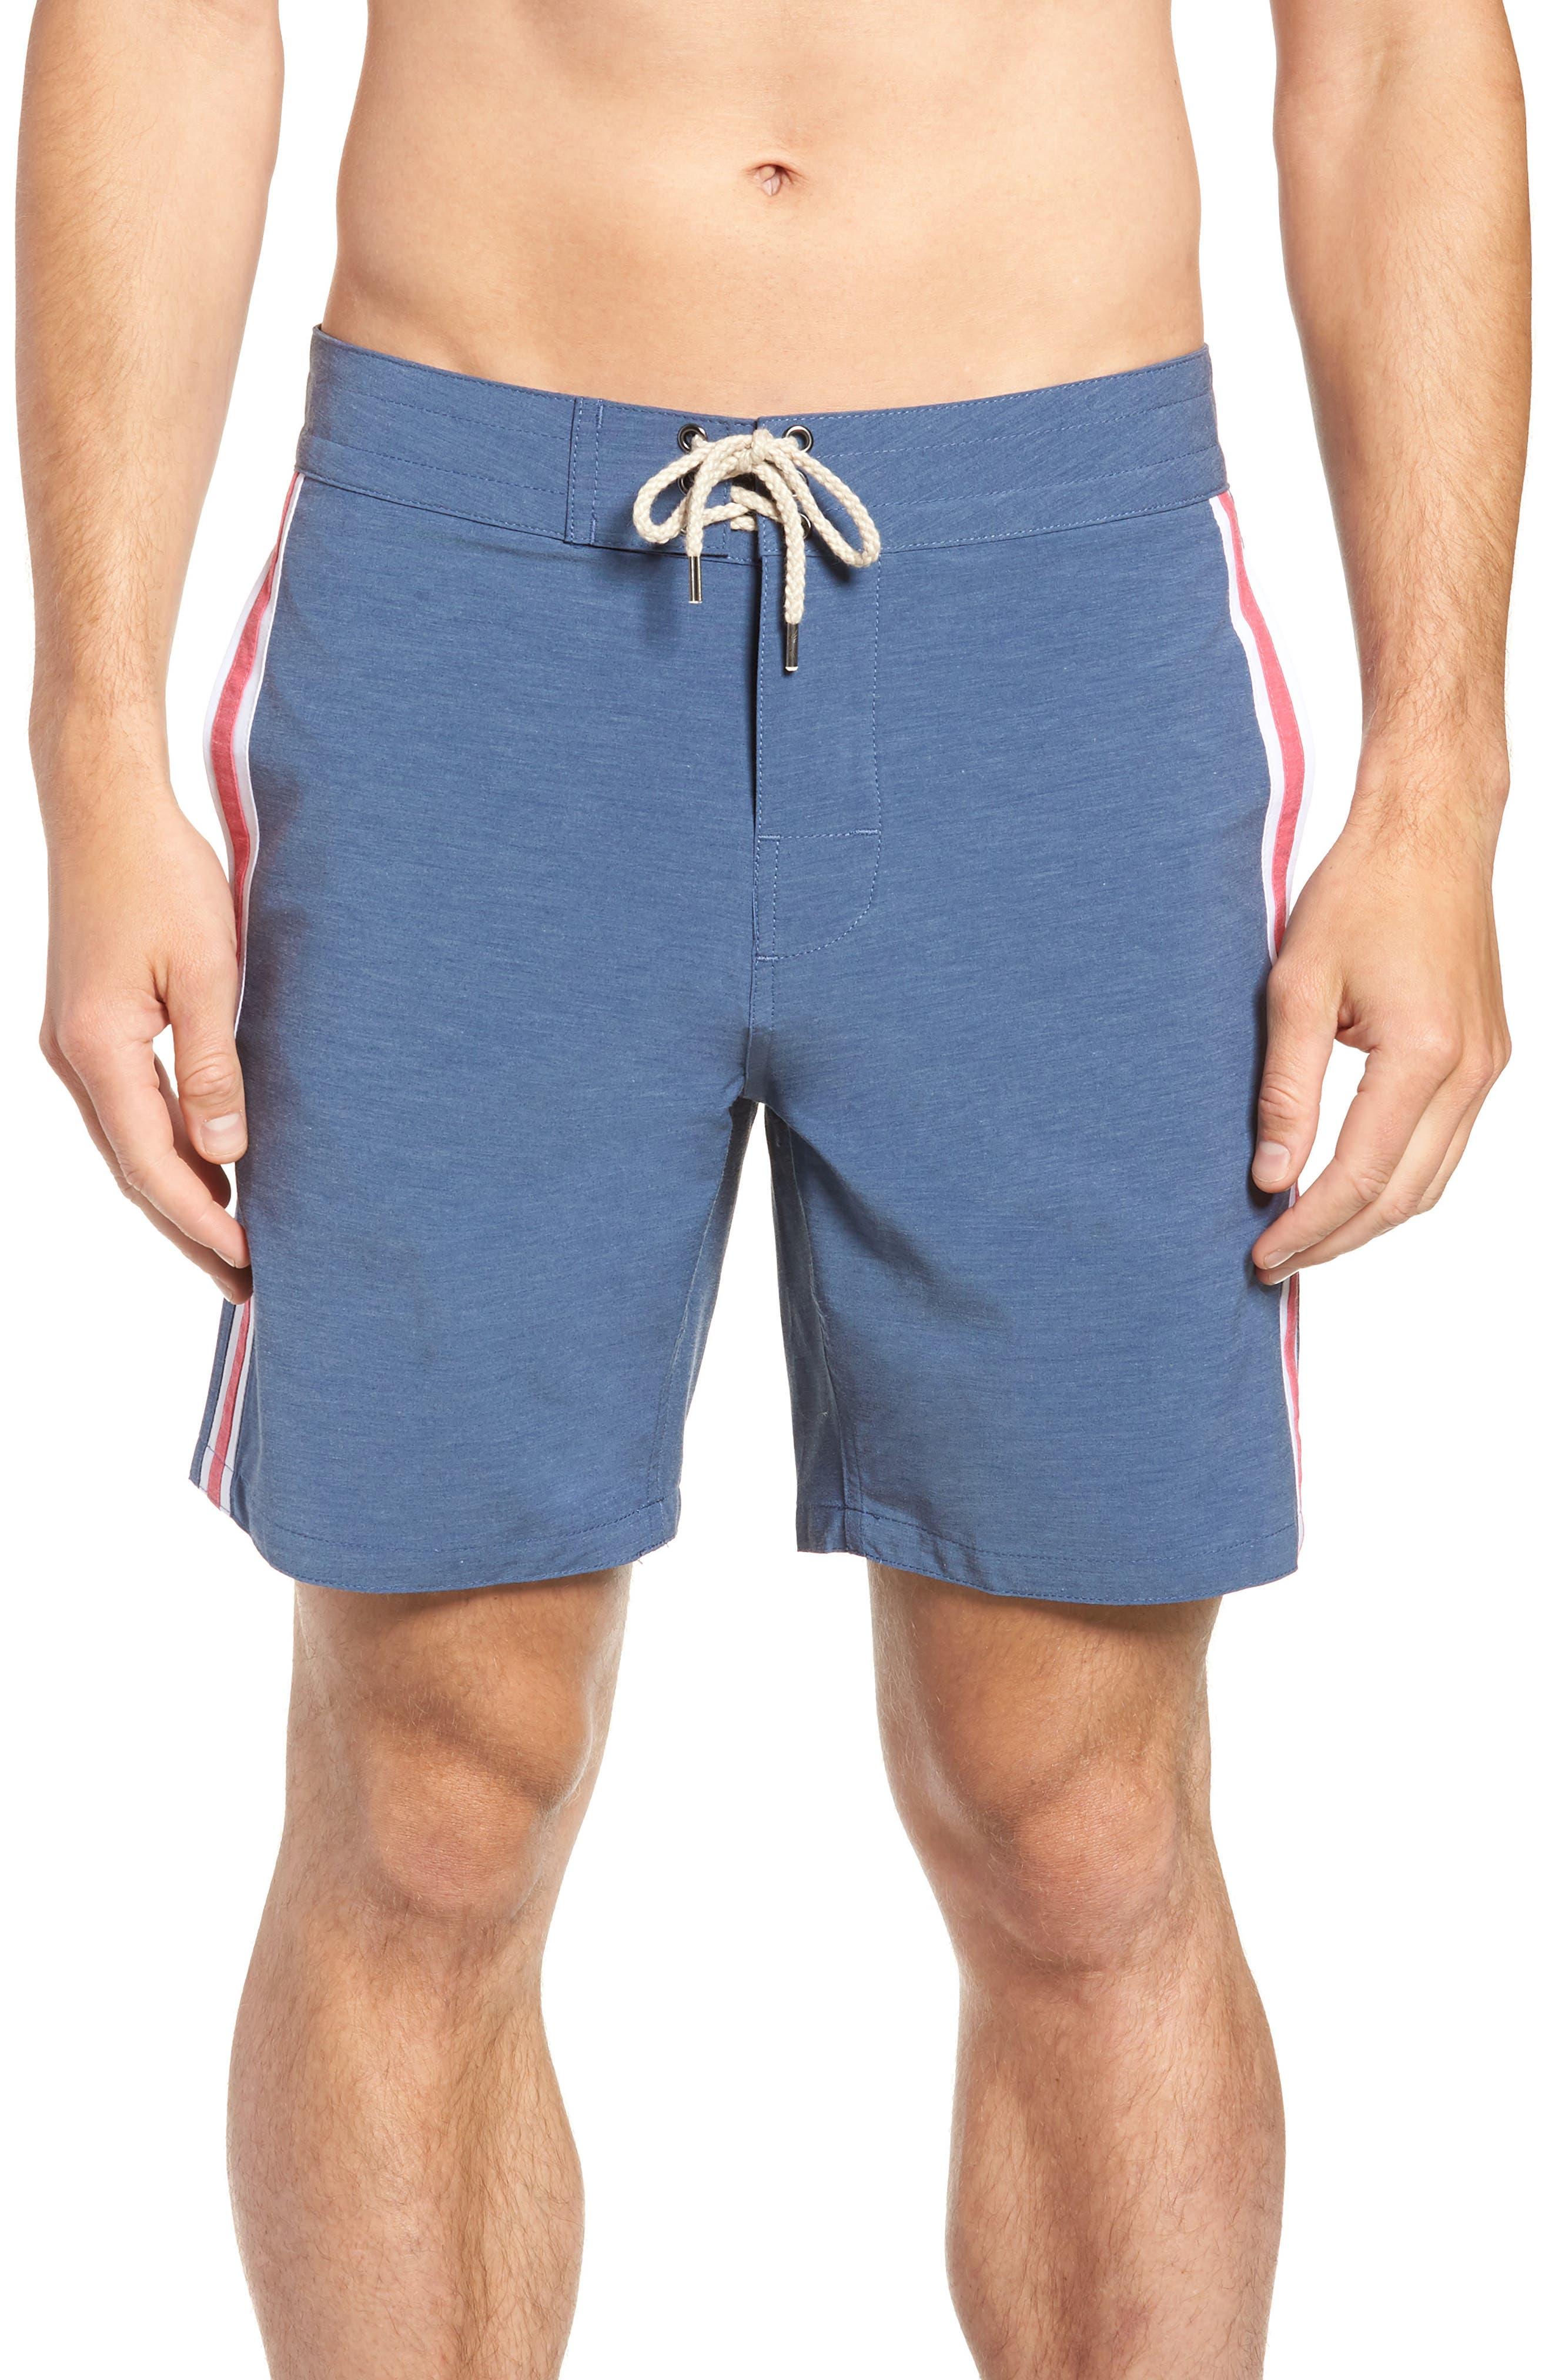 Retro Surf Stripe Board Shorts,                         Main,                         color, BLUE RED WHITE